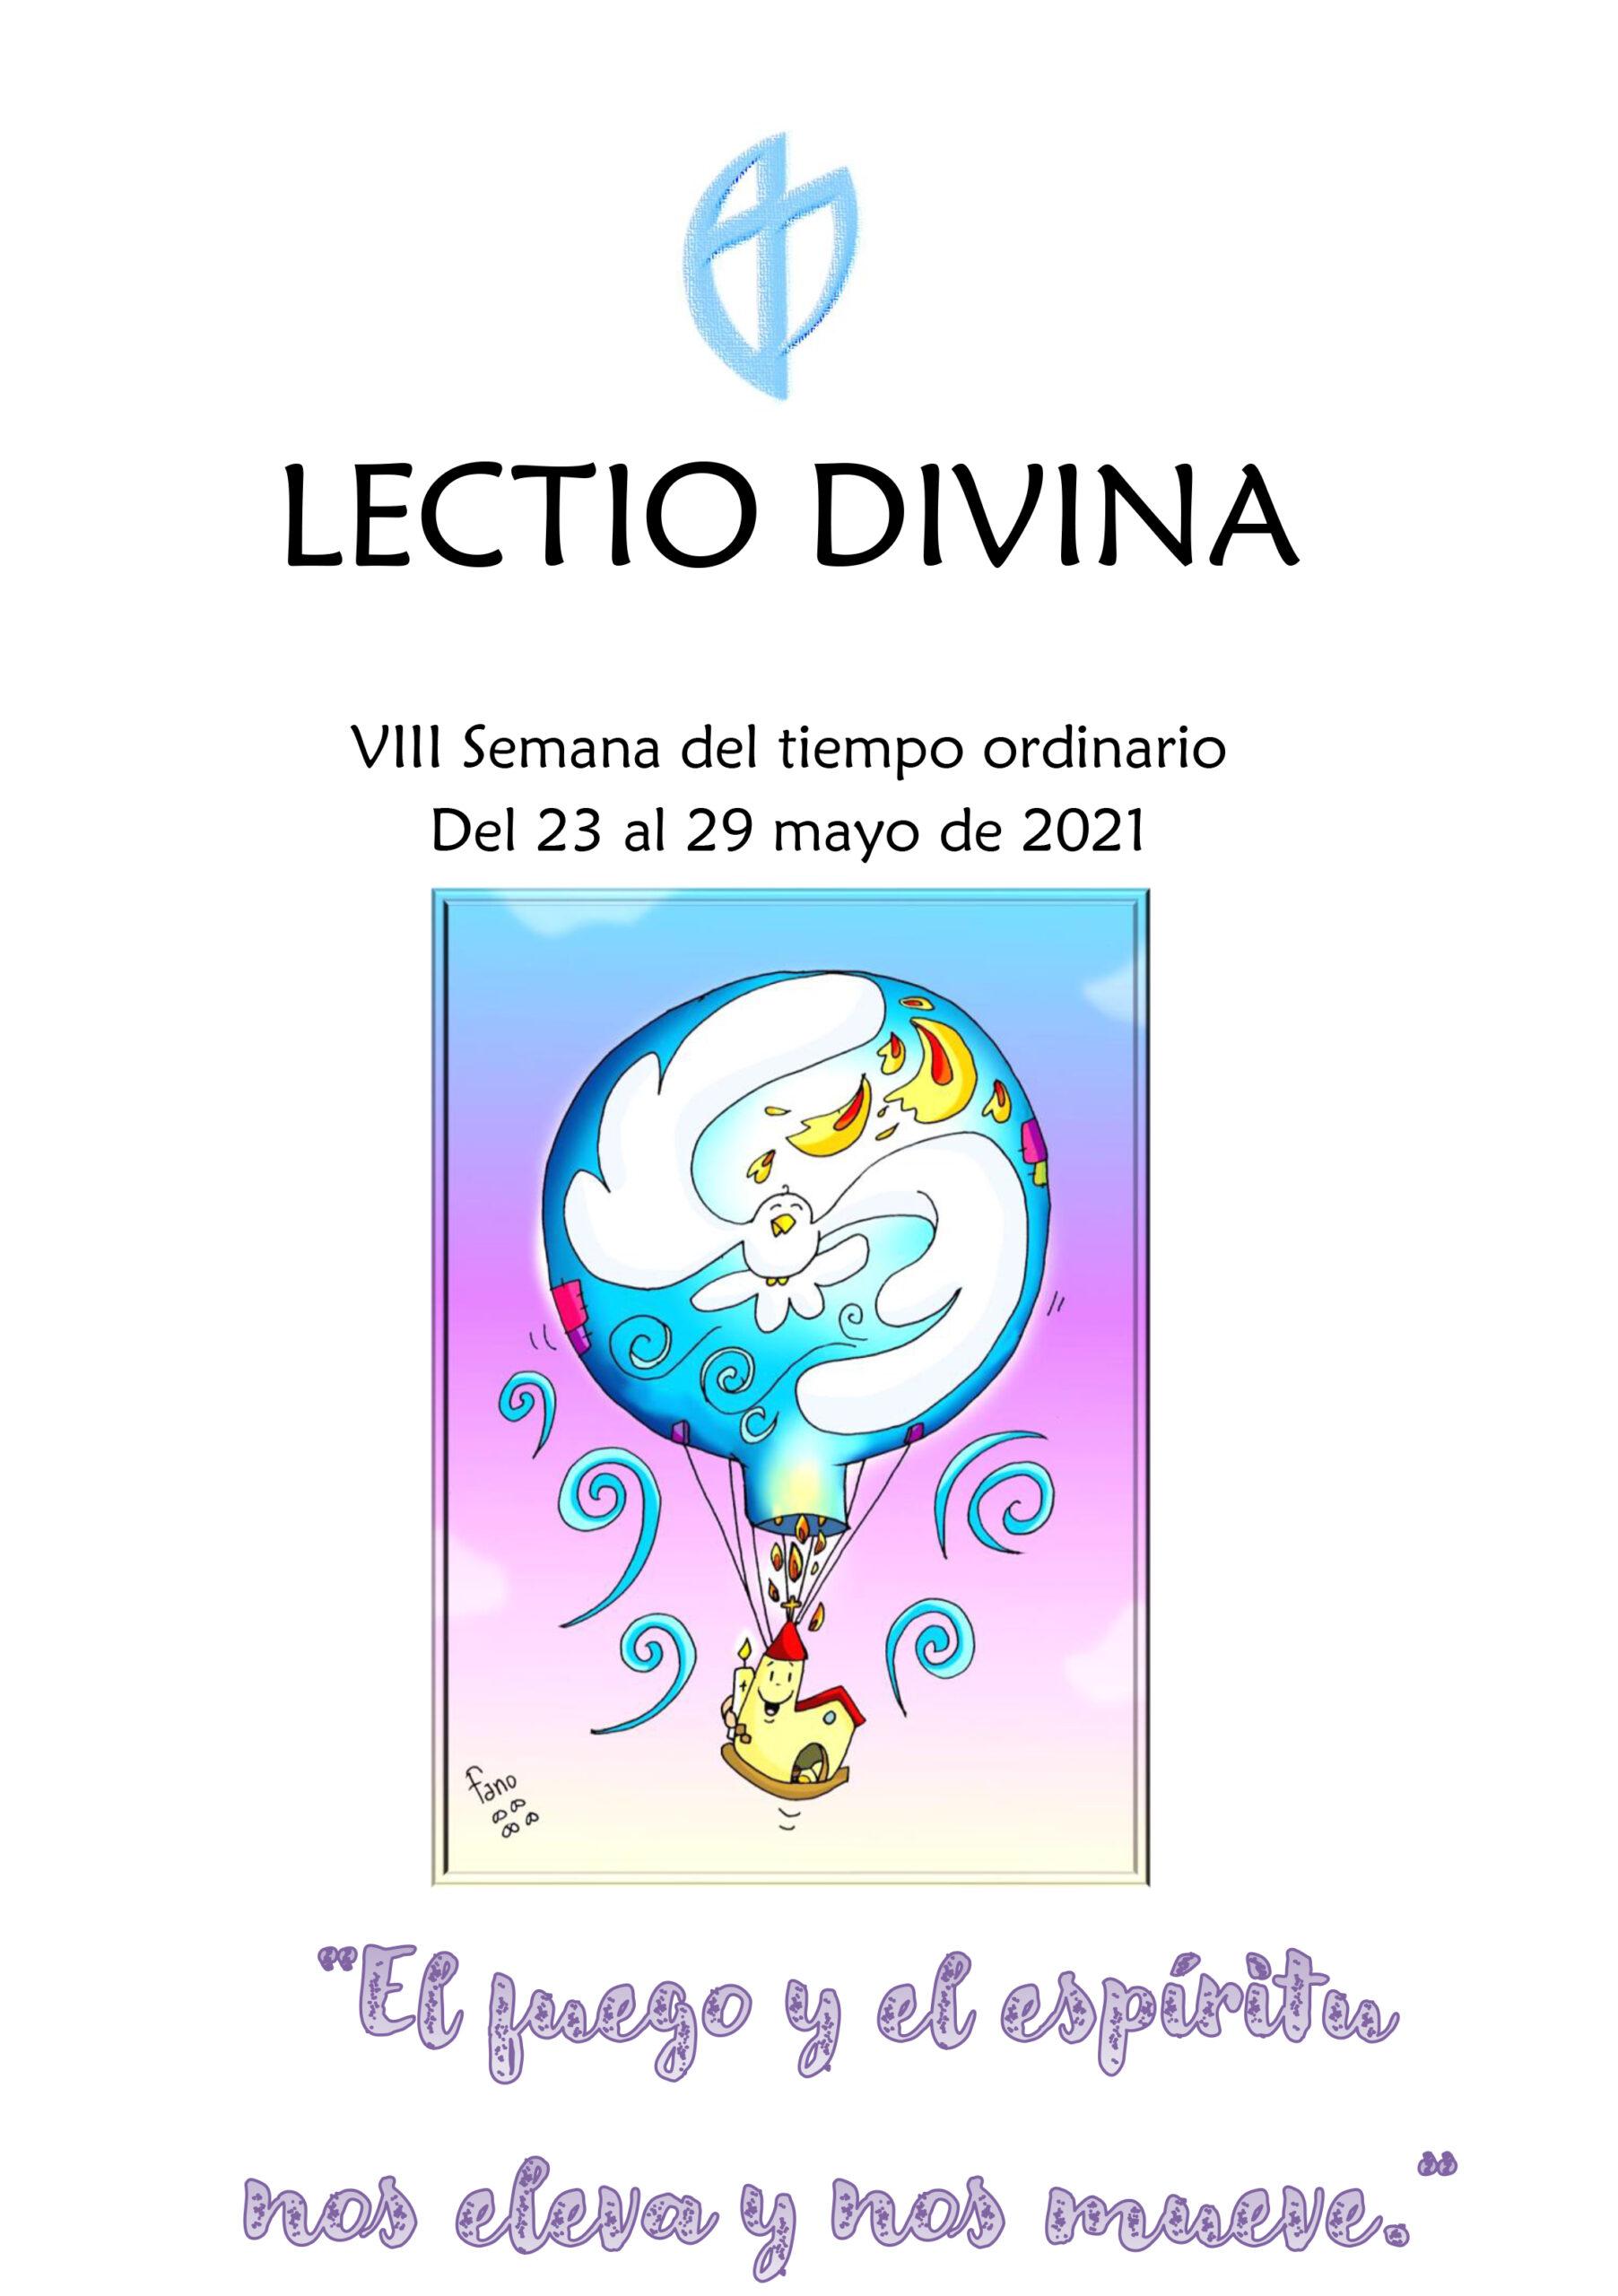 VIII Semana del tiempo ordinario (del 23 al 29 mayo de 2021)